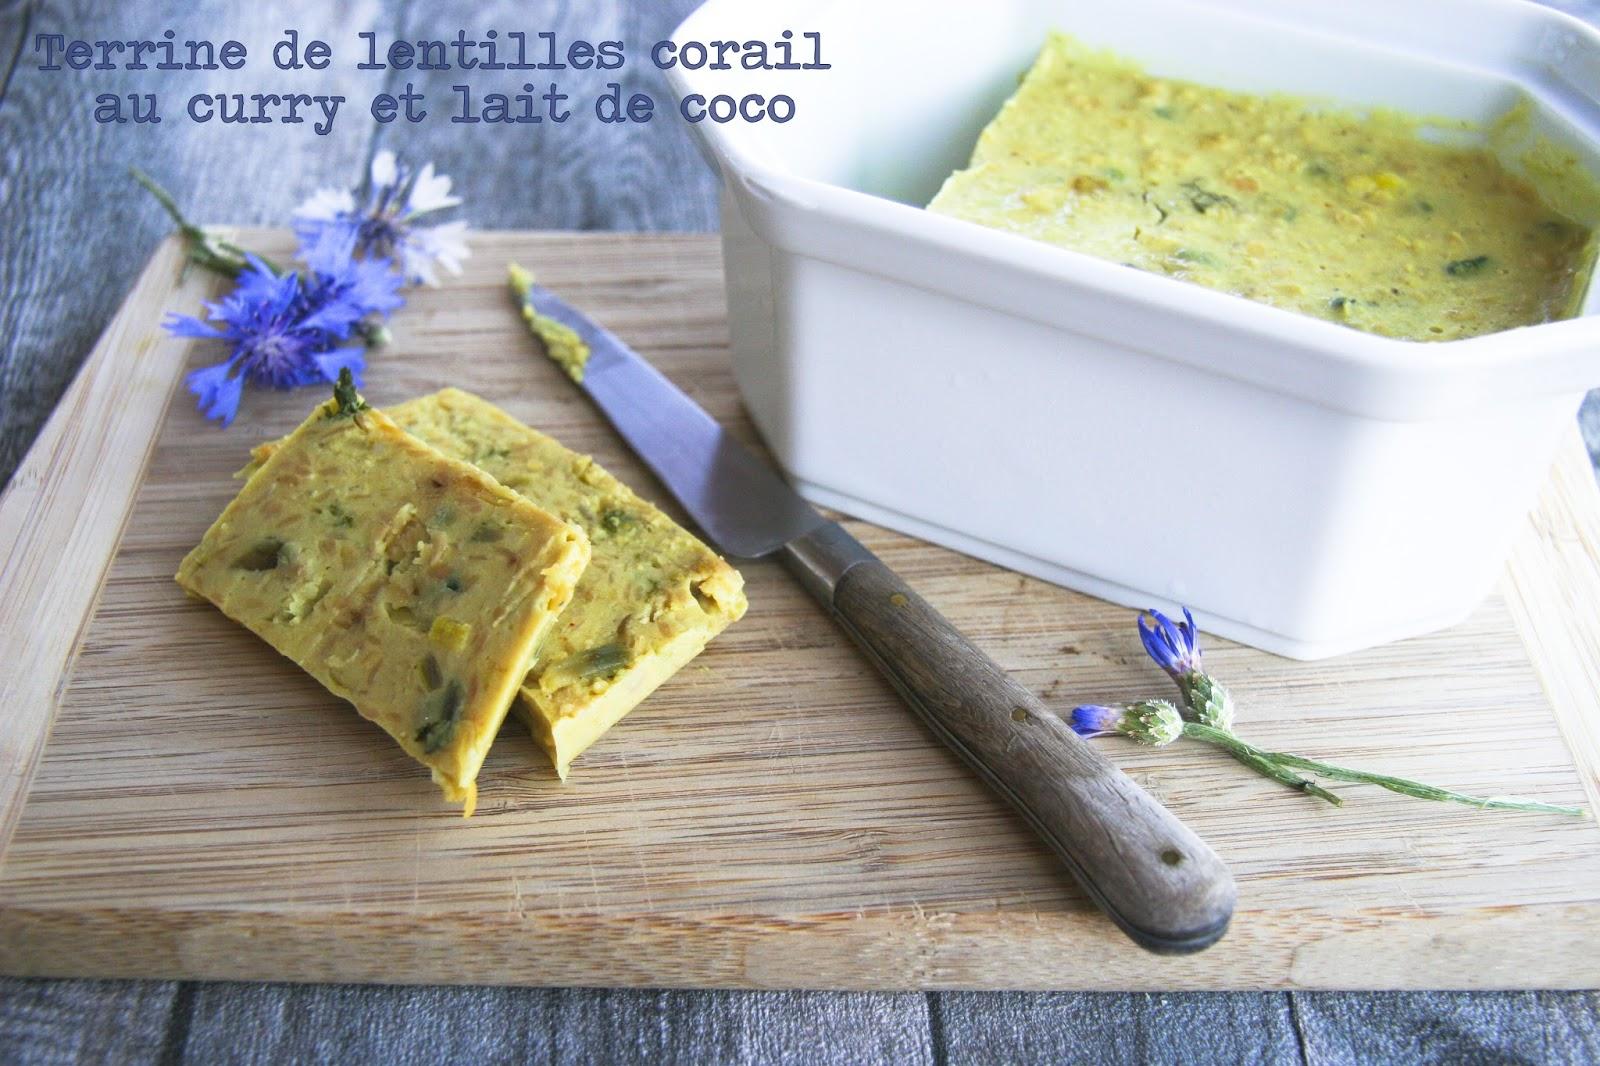 Terrine De Lentilles Corail Au Curry Et Lait De Coco